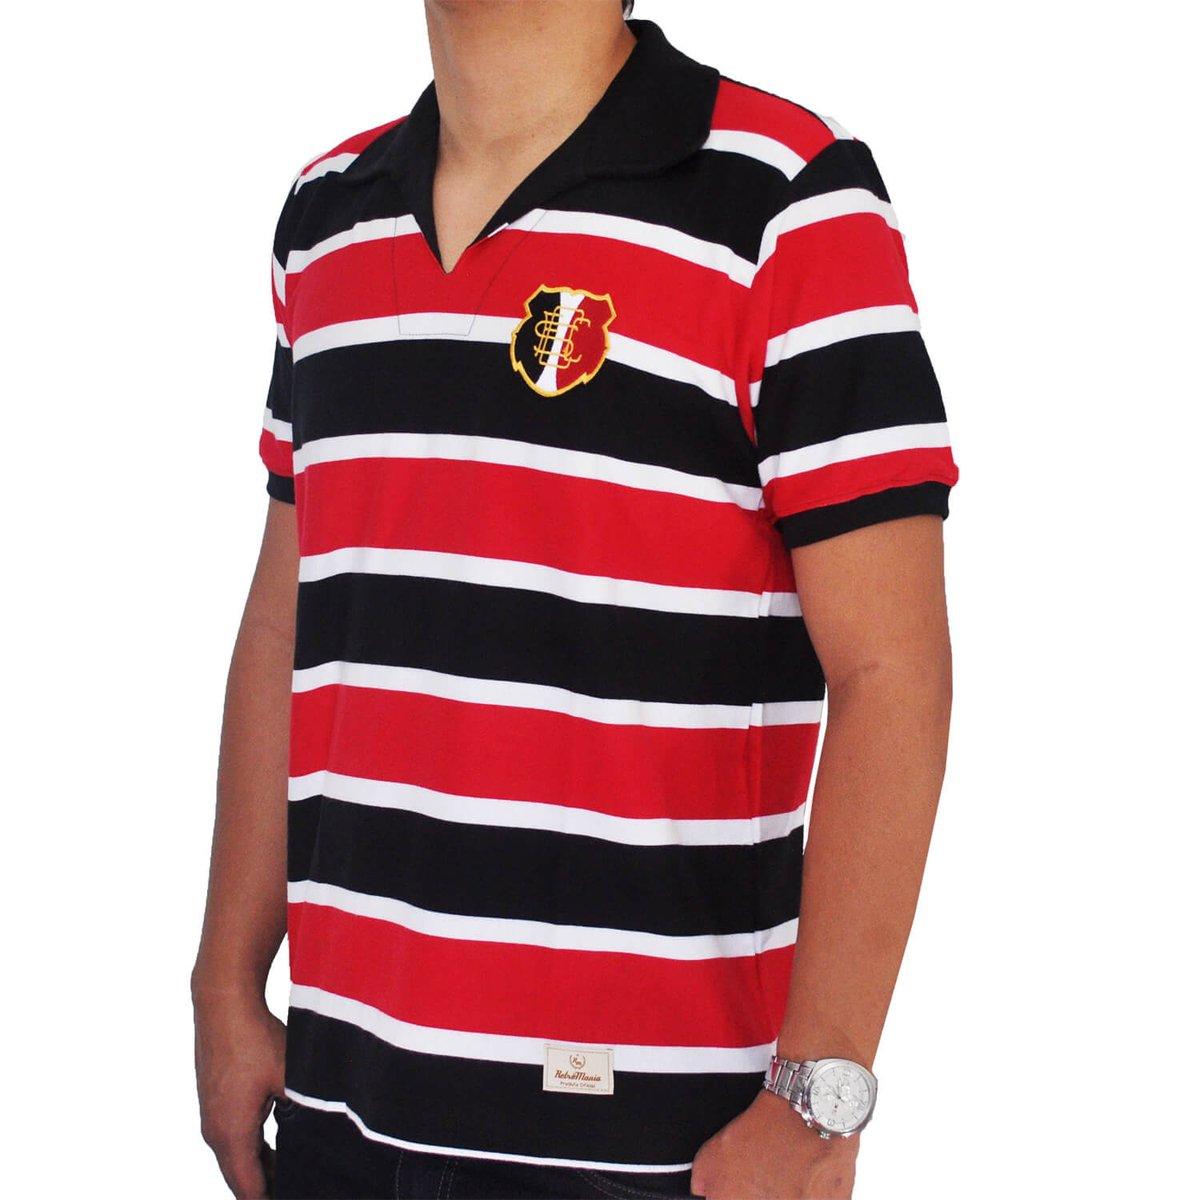 Camisa Retrô Mania Santa Cruz PE 1967 - Compre Agora  1b1401aa69879